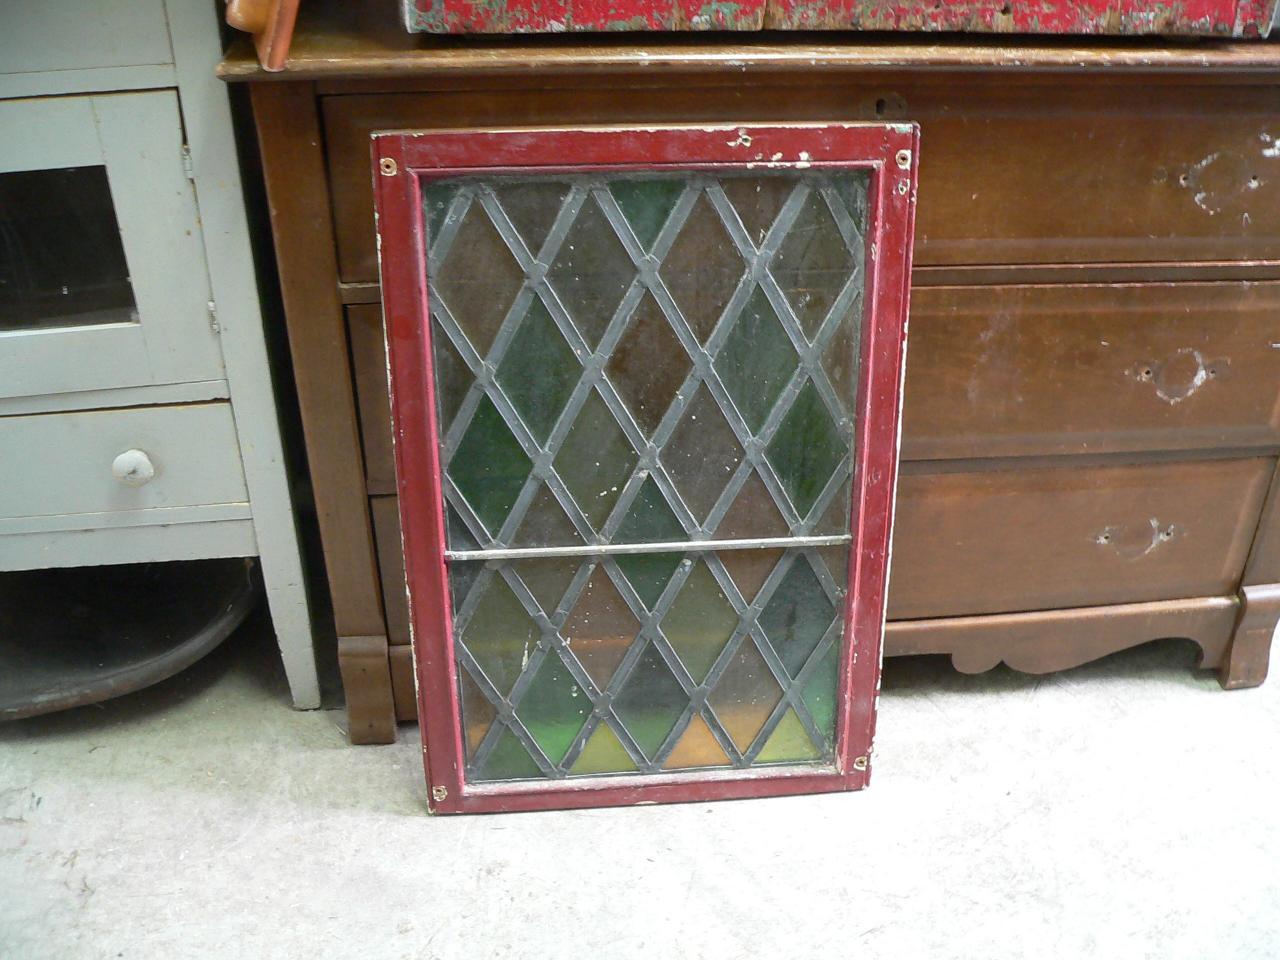 vitraux antique d'église #4948.58